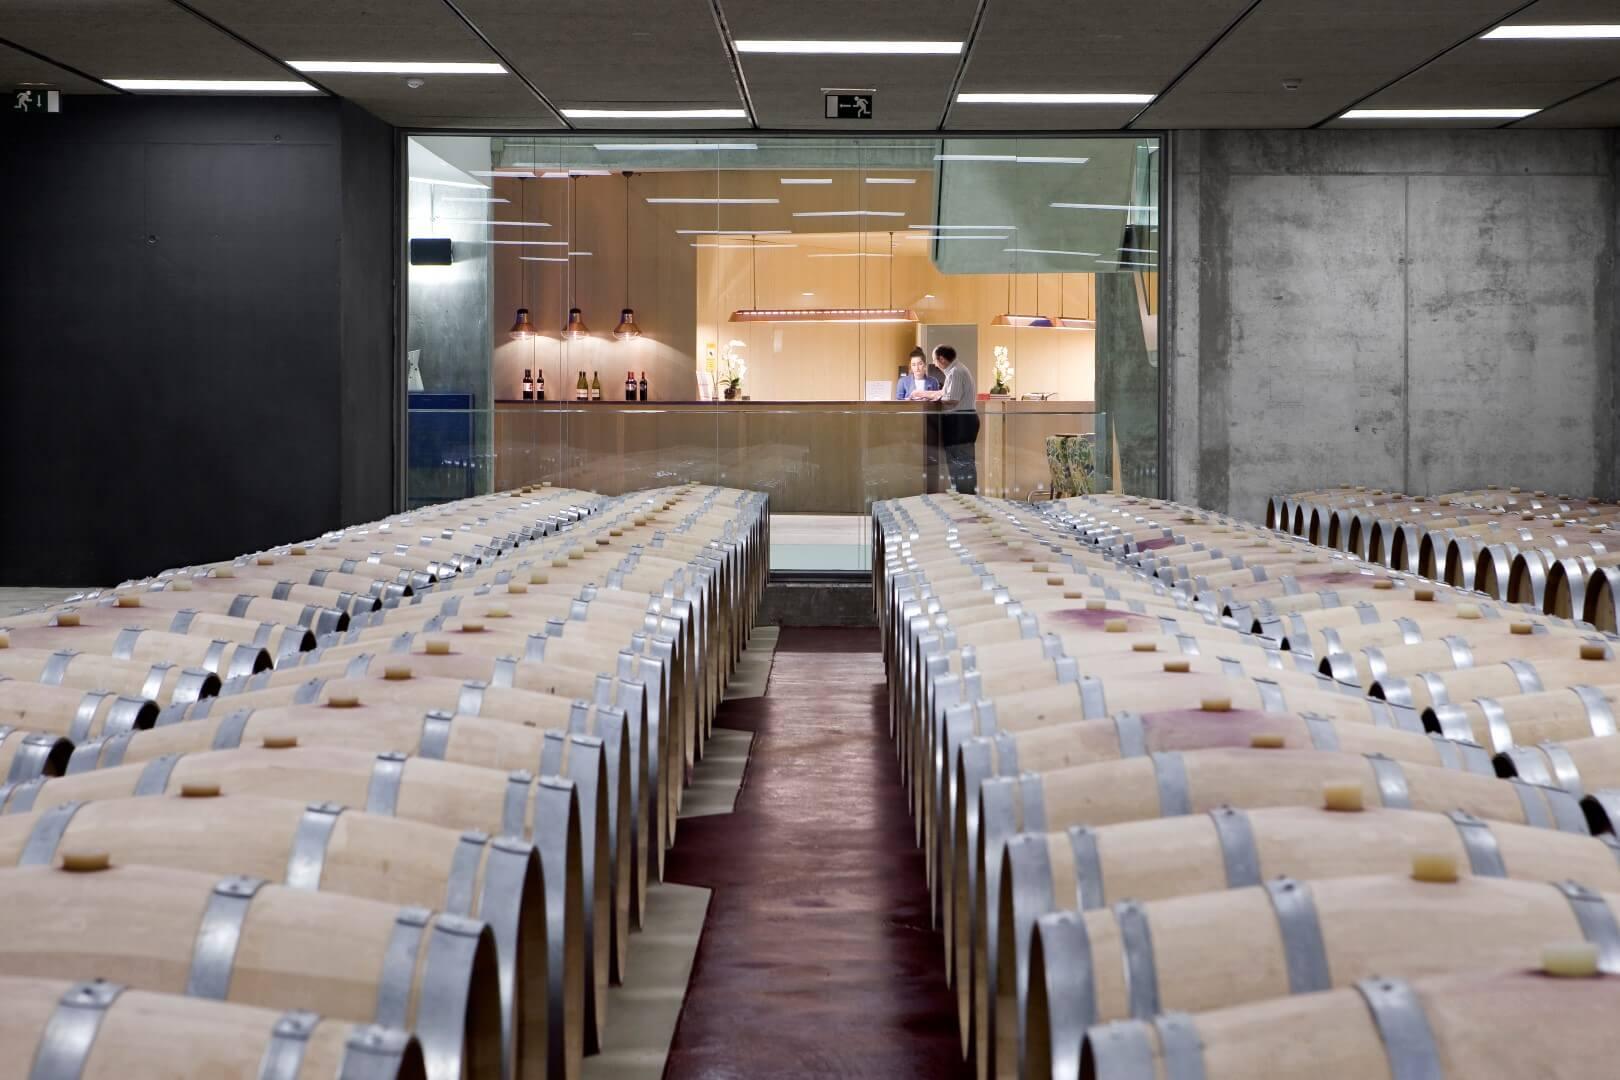 Enoturismo ruta por la espa a del vino for Hotel bodega logrono